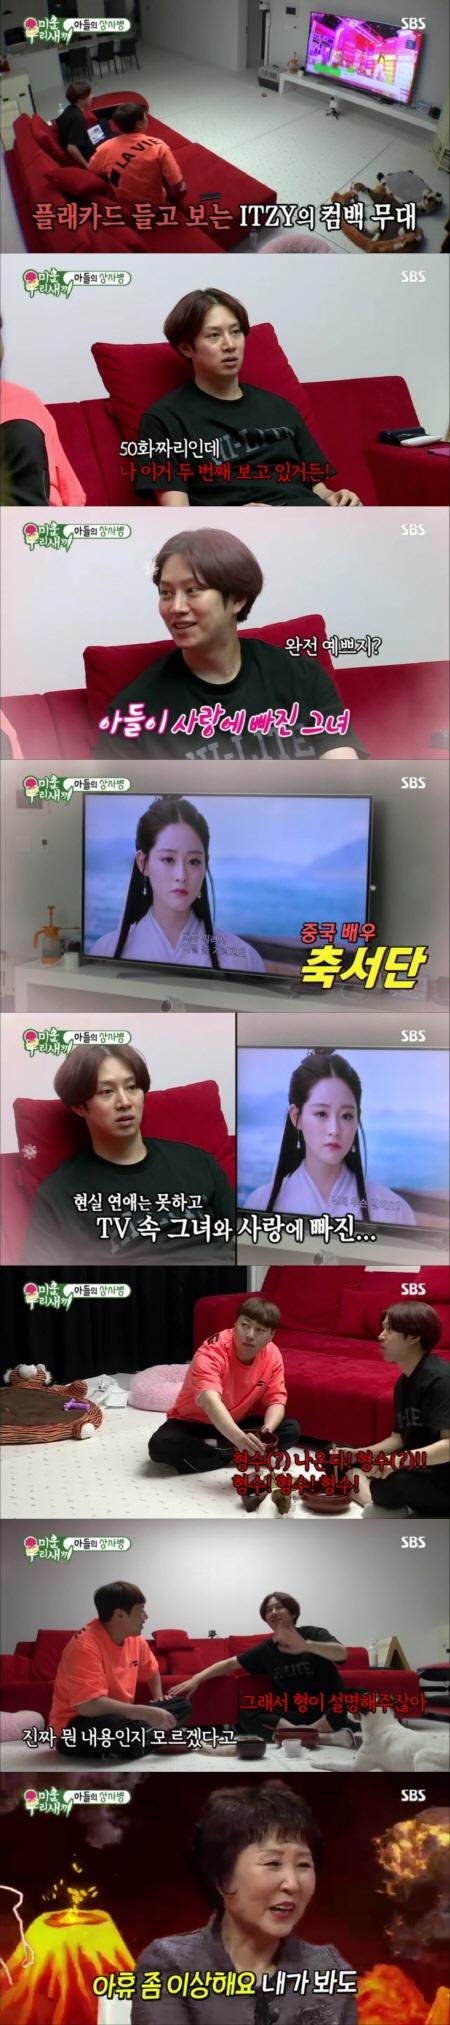 '미우새' 김희철, 중국 배우 축서단에 푹 빠졌다